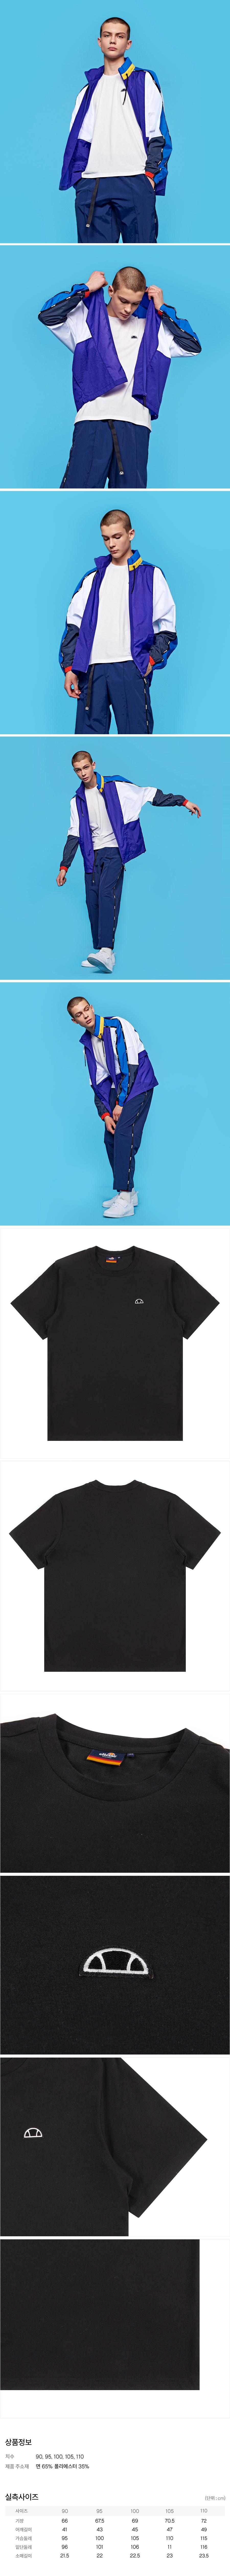 엘레쎄(ELLESSE) 스몰 로고 베이직 반팔 티셔츠 (블랙)EJ2UHTR333